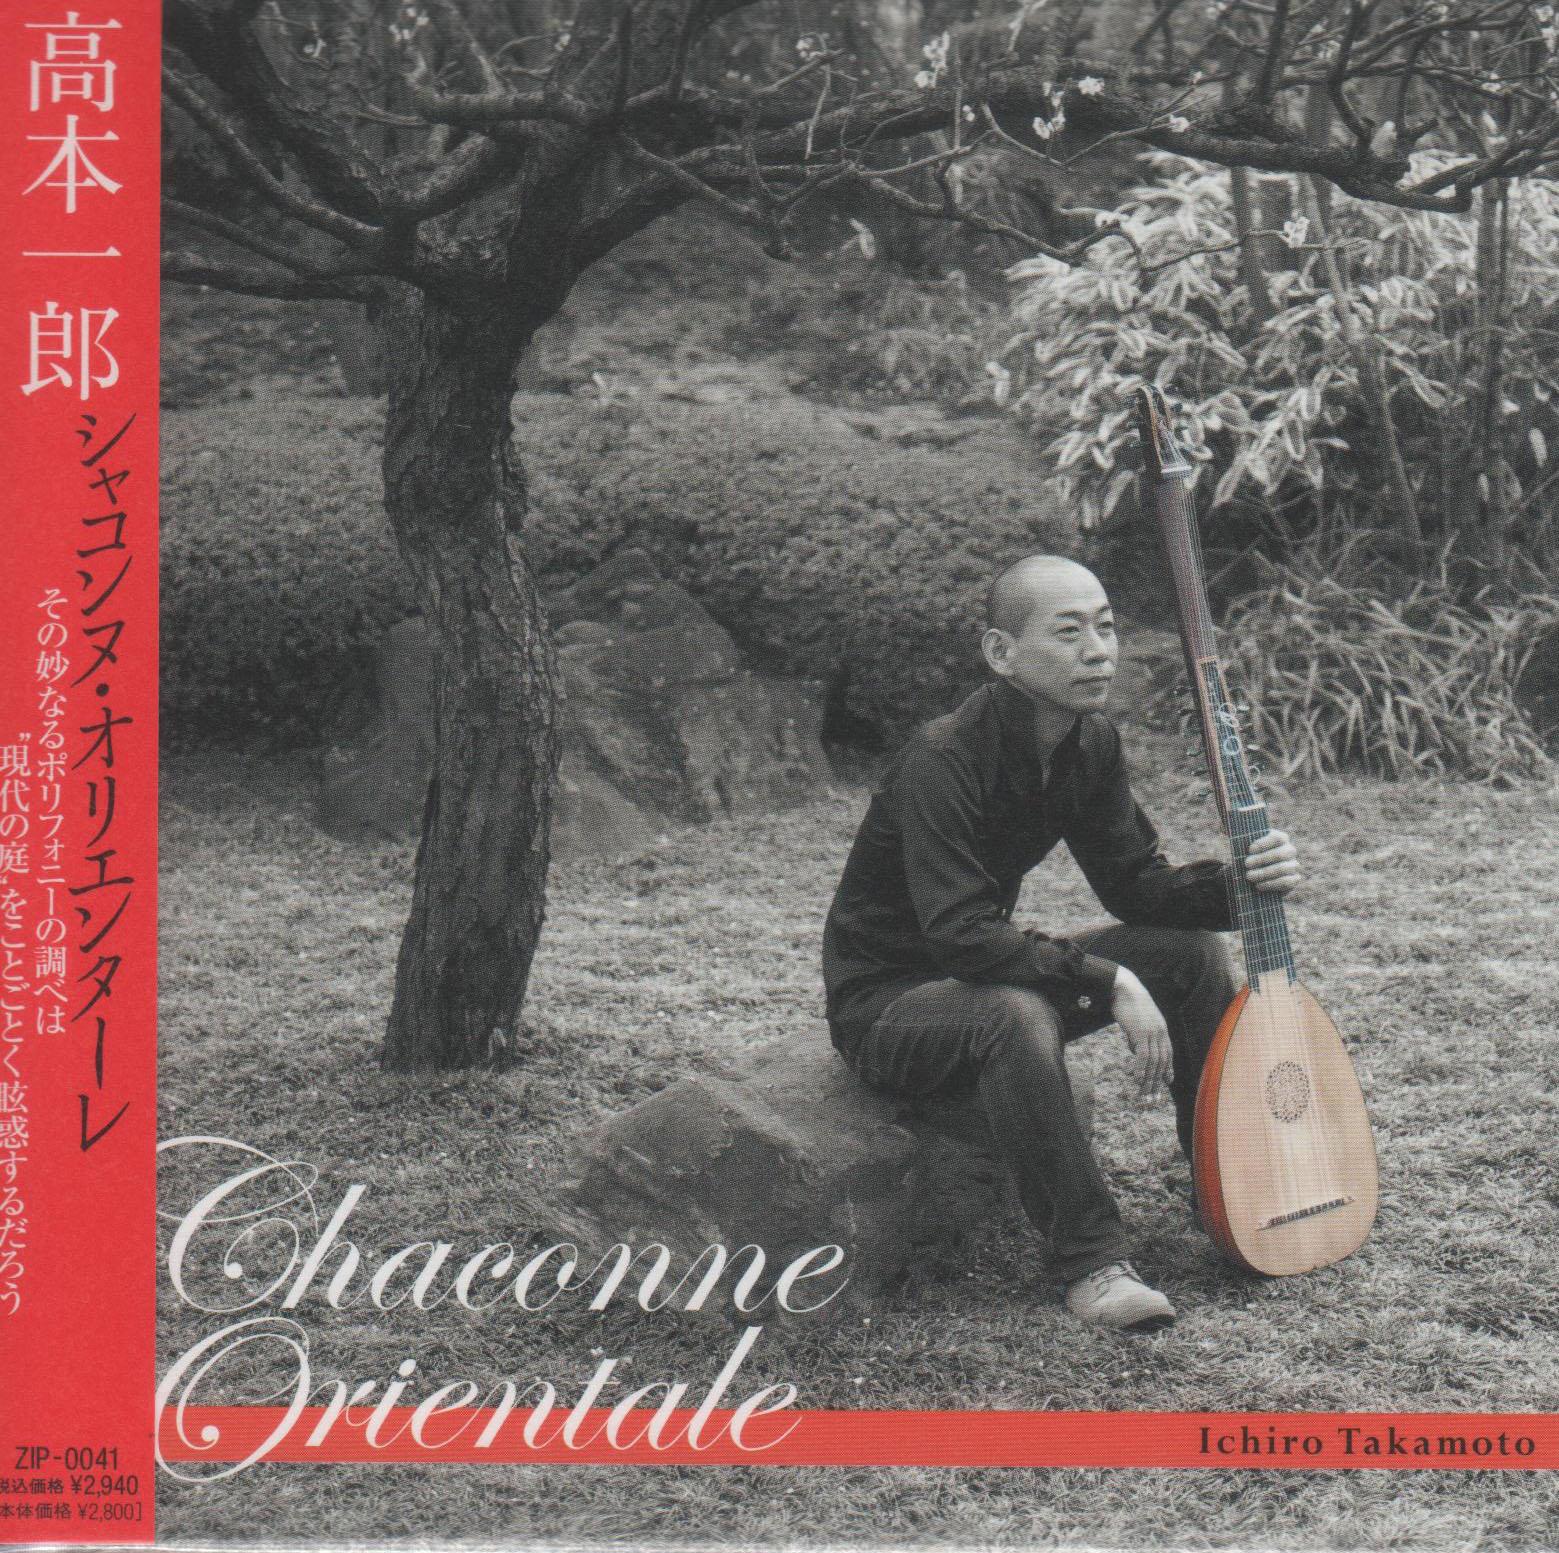 CD-TI-001